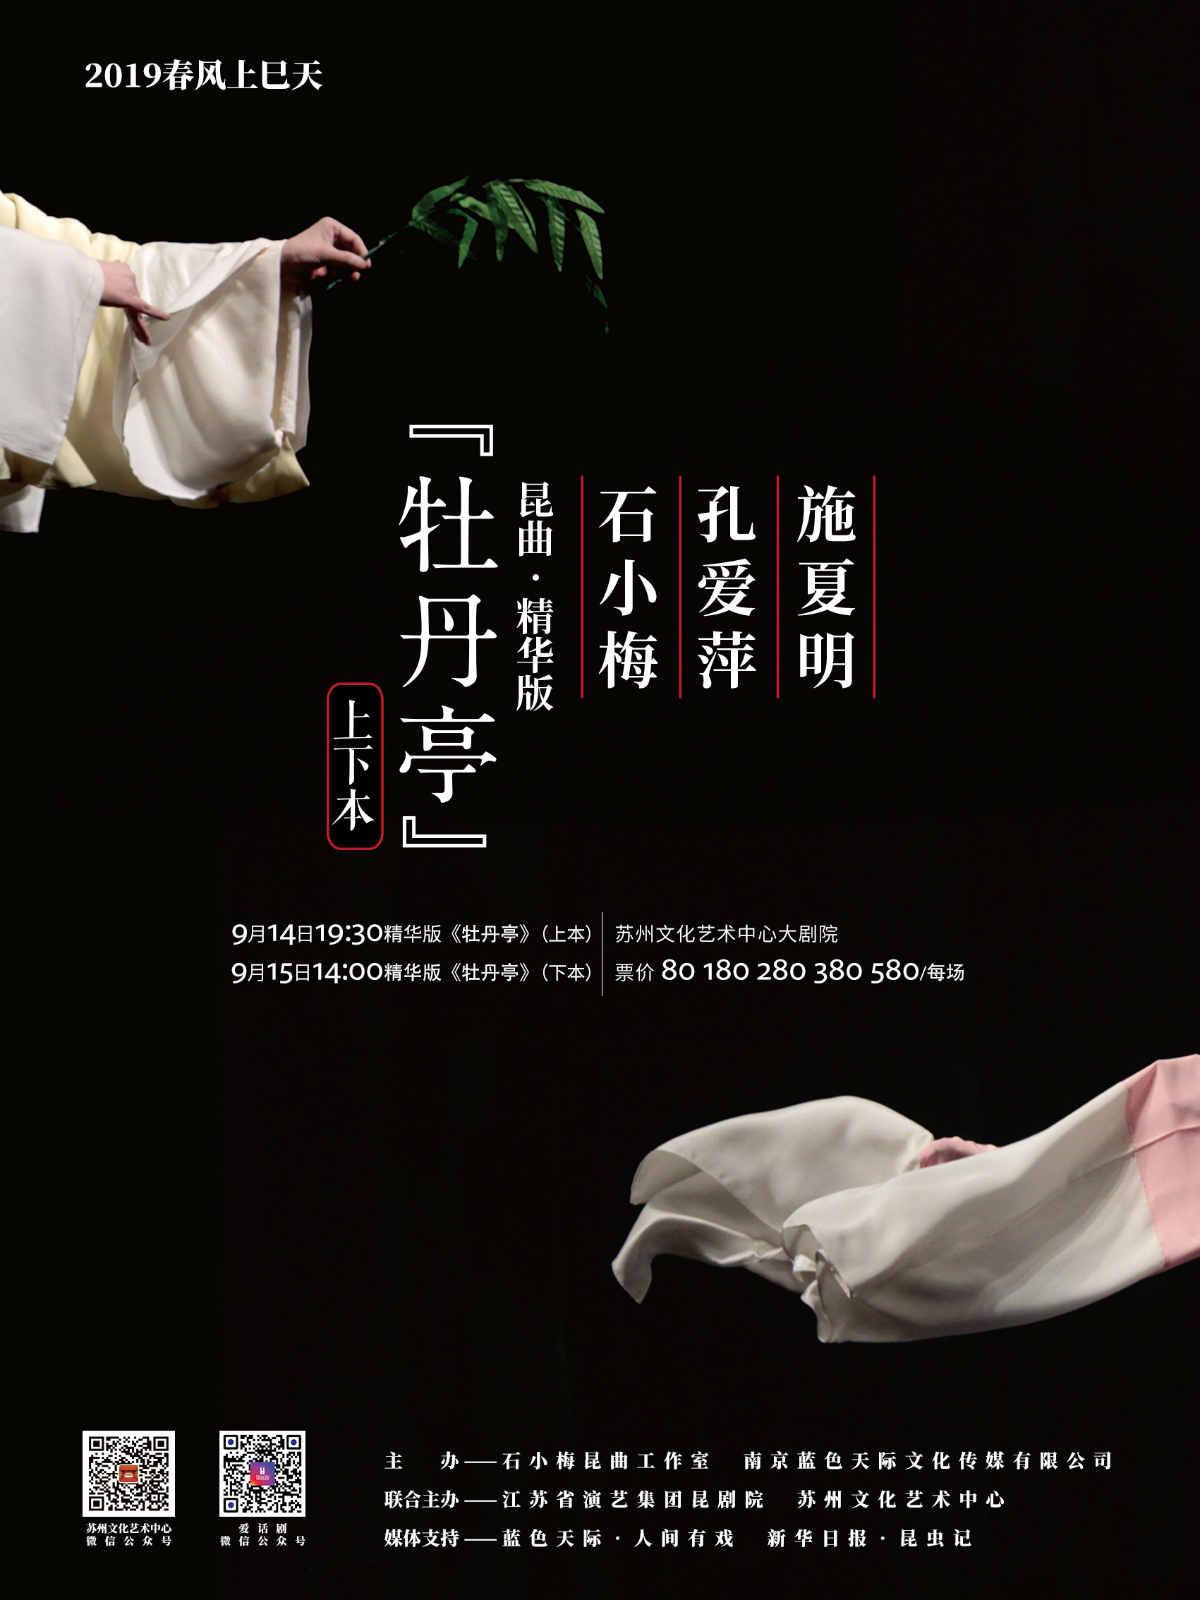 2019·春風上巳天 【昆曲】精華版《牡丹亭》(上本)(合作)